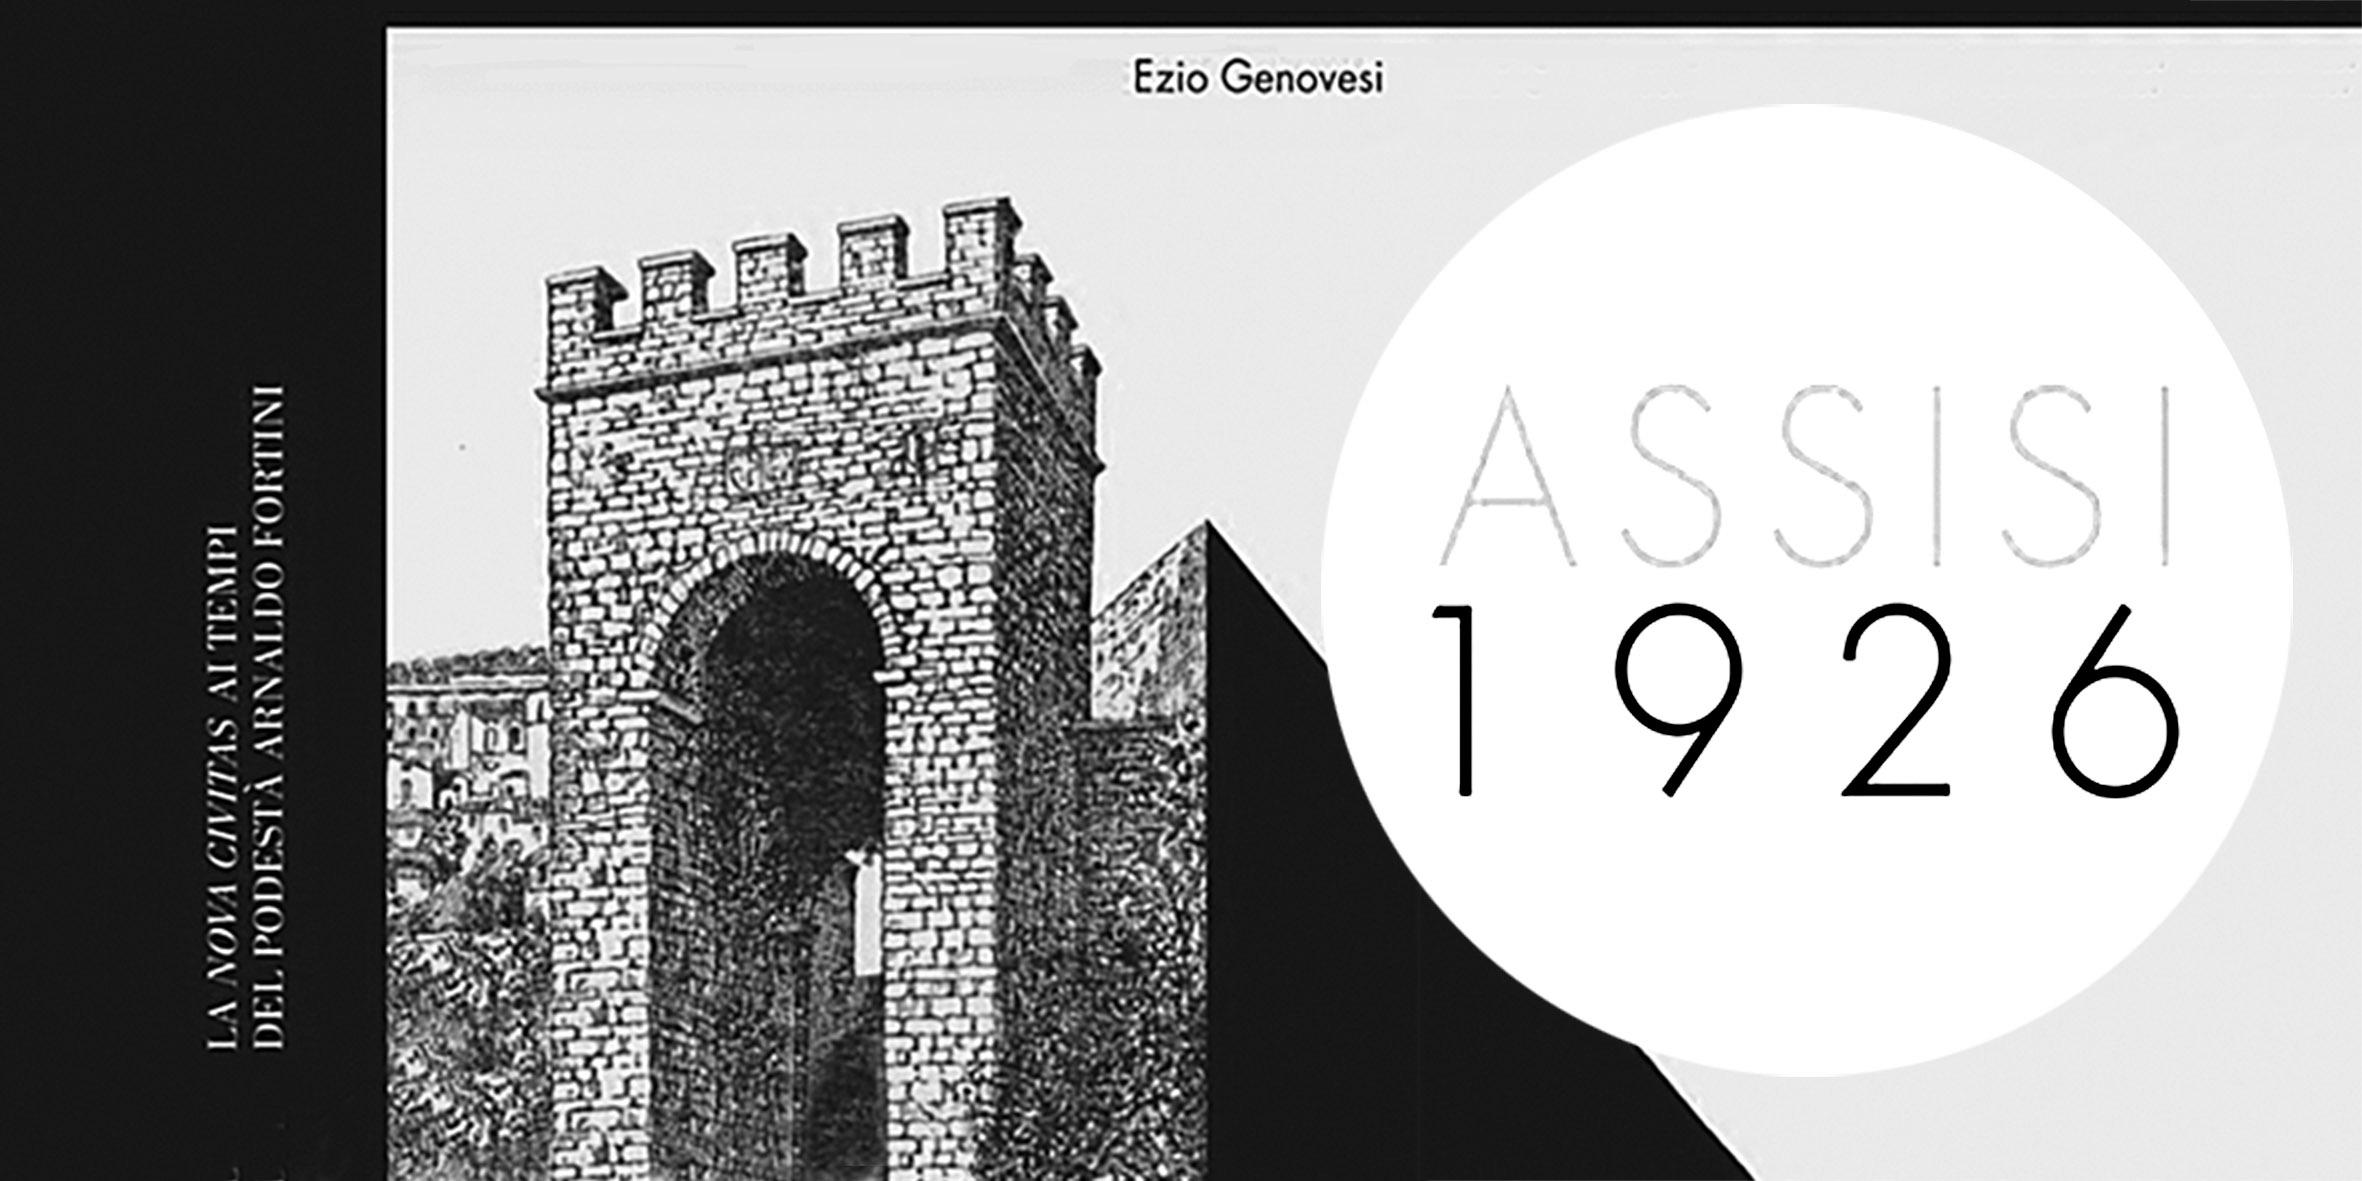 Assisi 1926